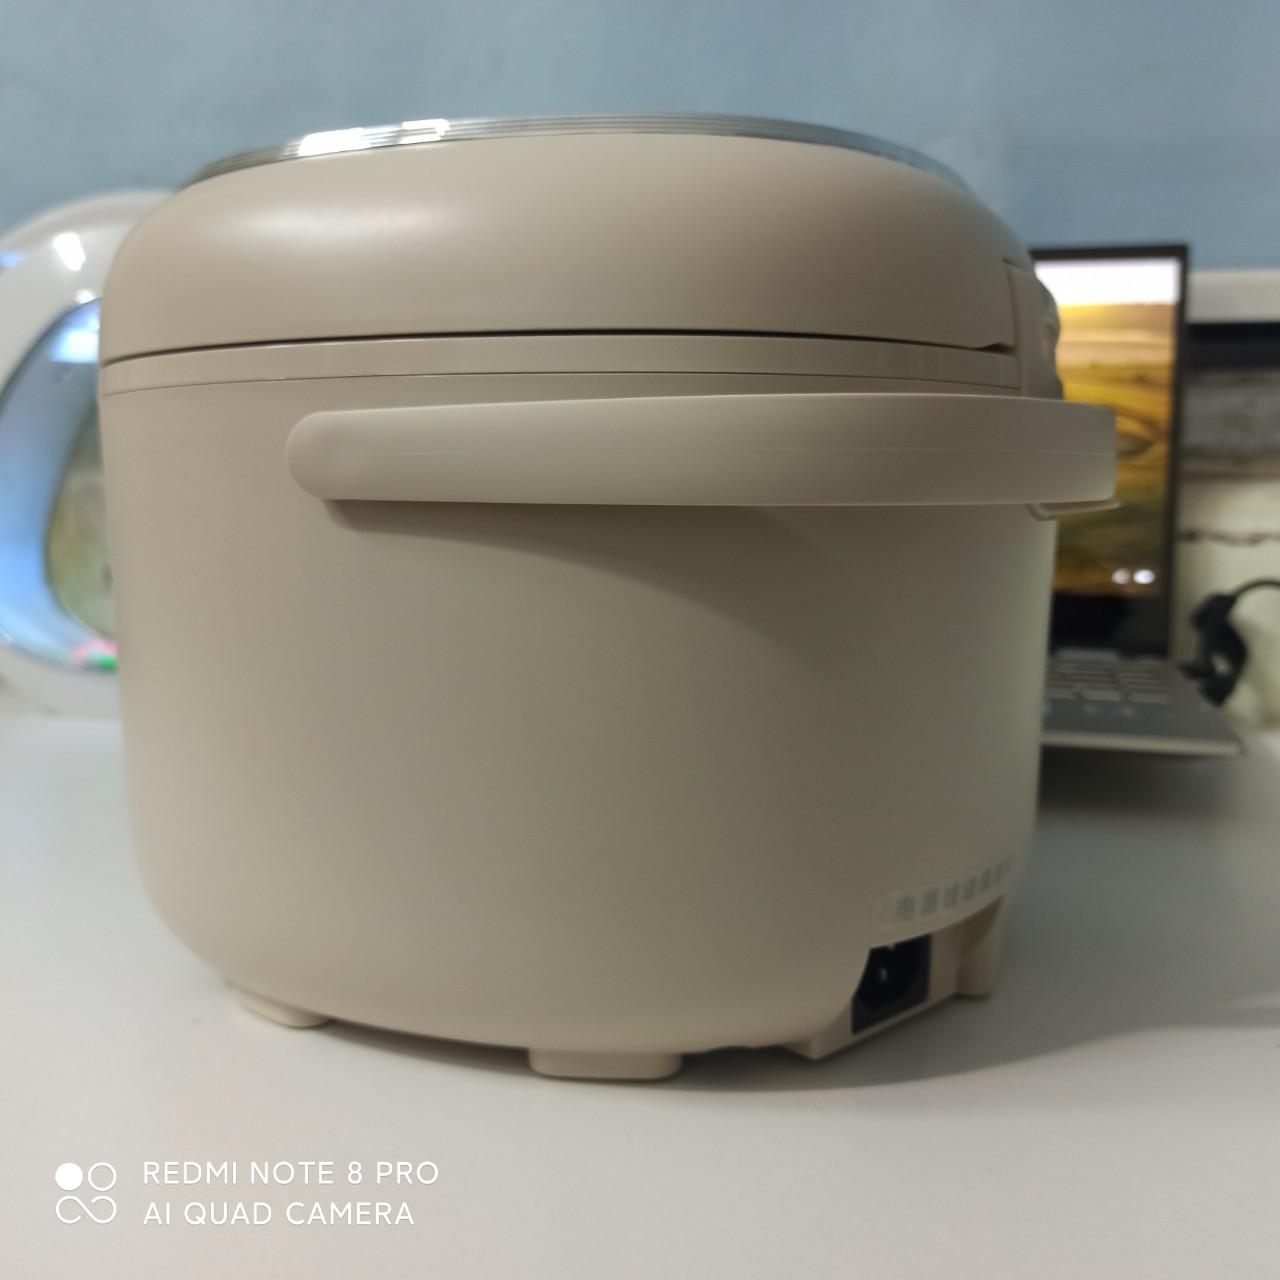 Nồi cơm mini thông minh đa năng , nấu cháo, hầm DM-P20H1  đi kèm phíc cắm đa năng